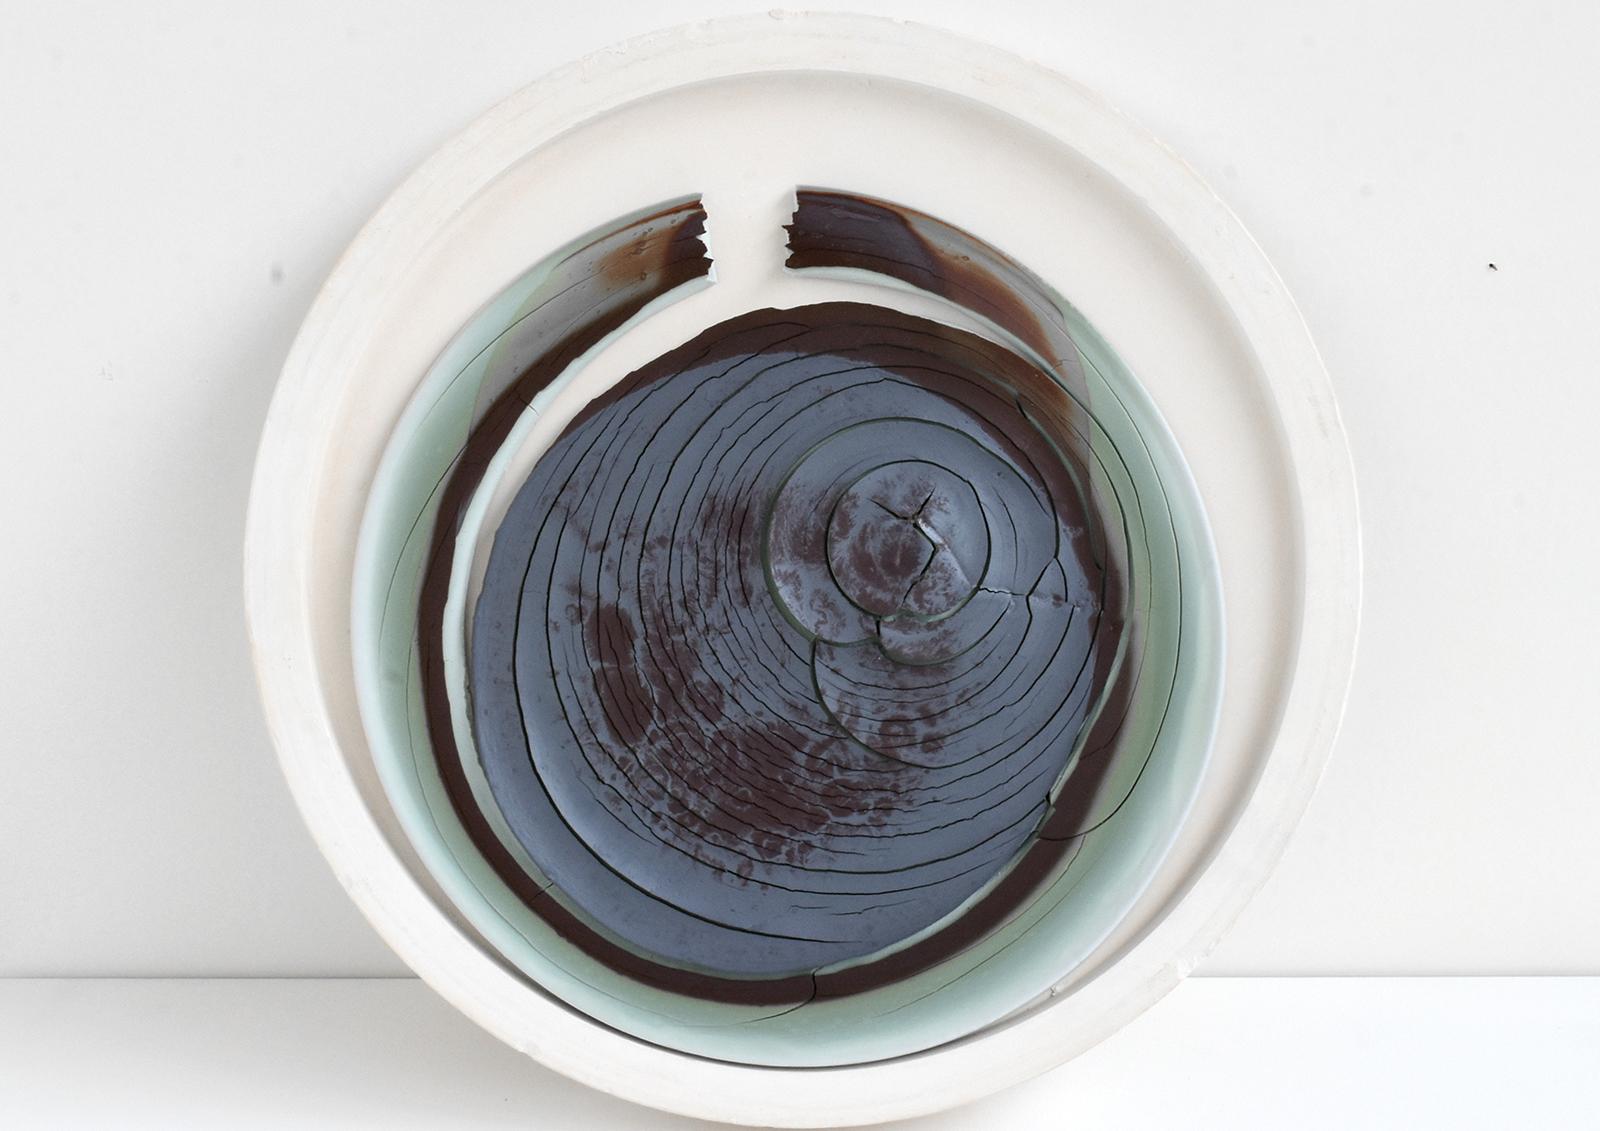 Compact 2019 41 x 5 cm Porcelain